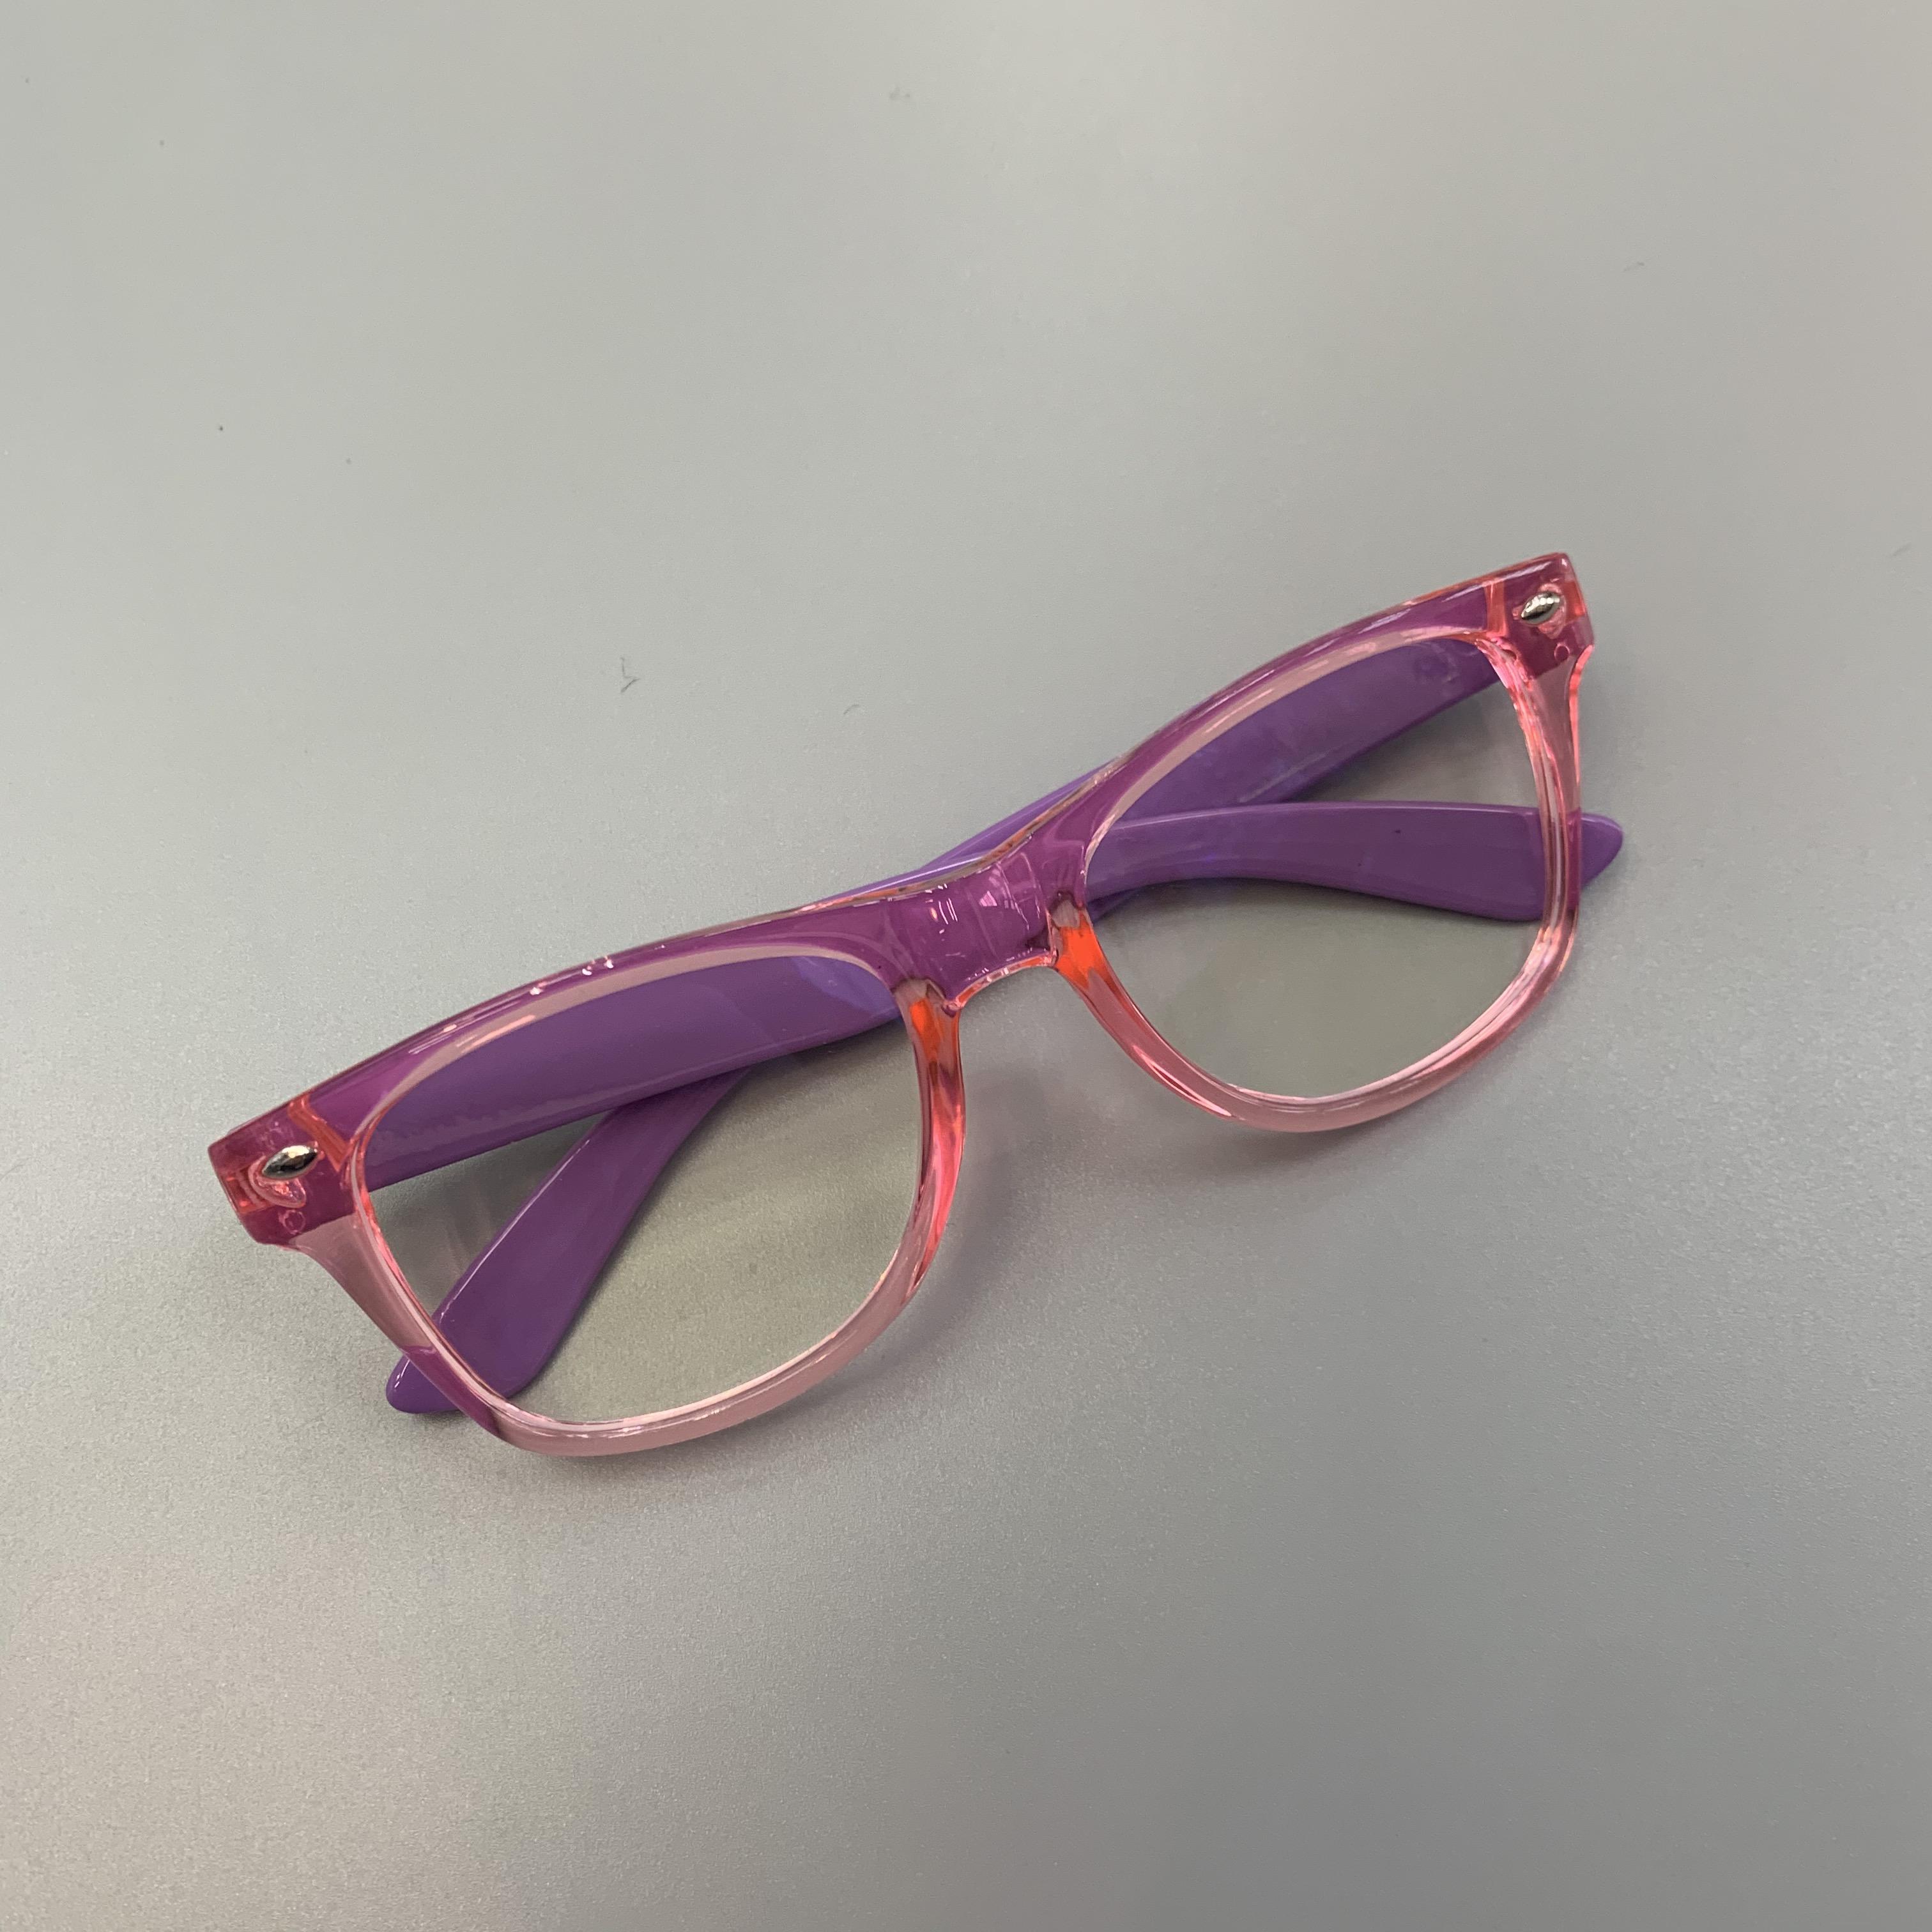 女童墨镜儿童太阳镜夏宝宝防晒防紫外线遮阳眼镜个性眼镜走秀